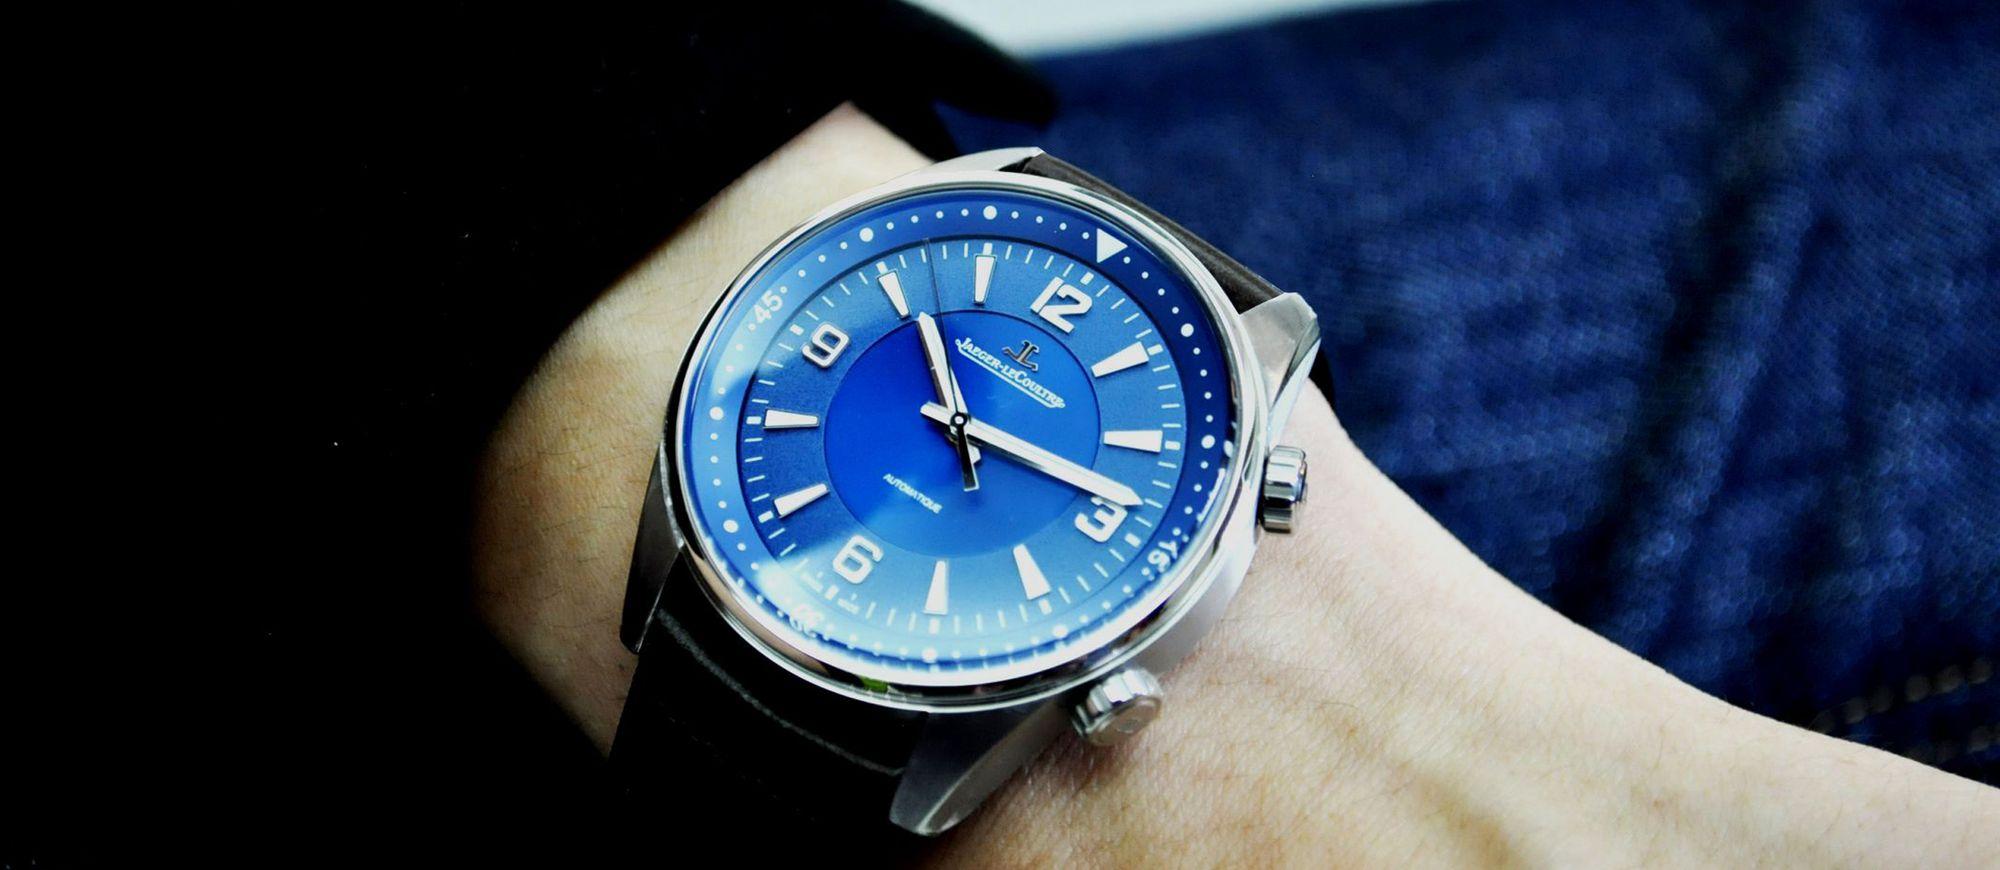 【每週一錶】積家Polaris:當50年前的錶款搭上現代運動風潮